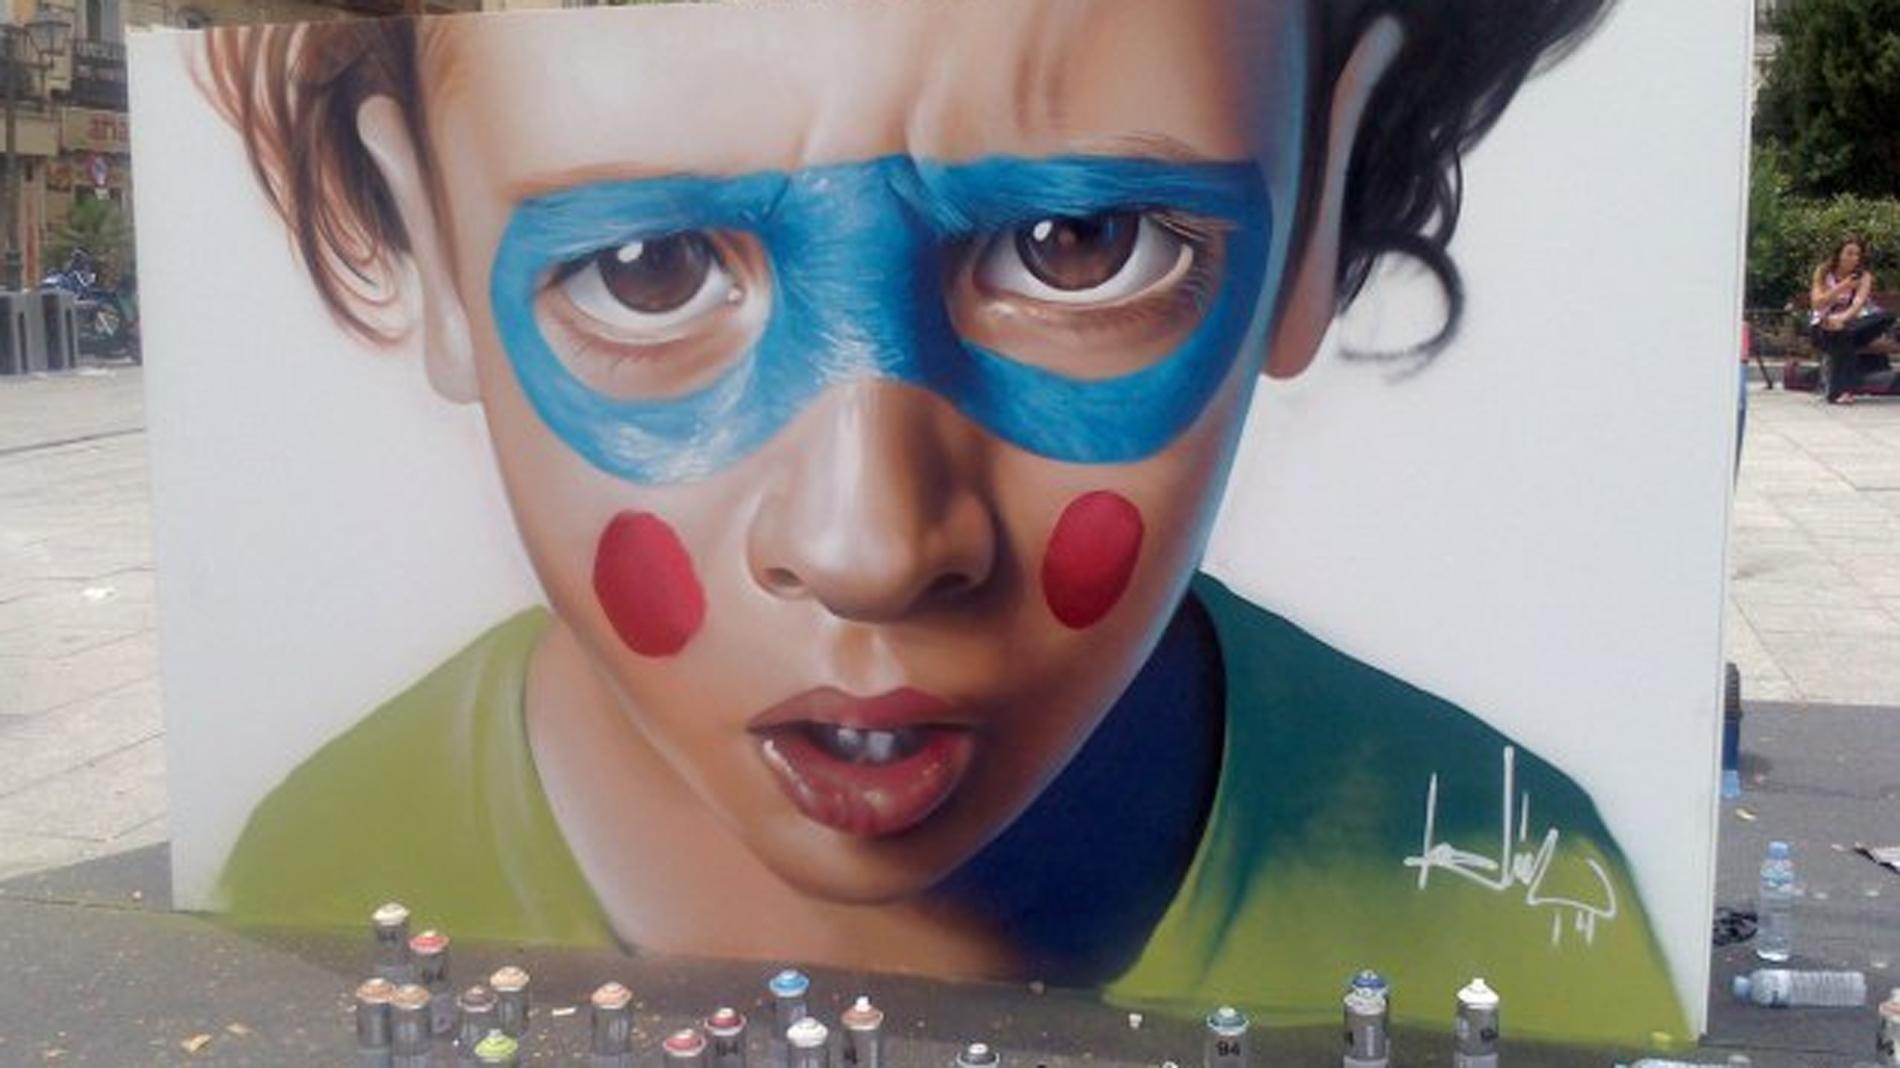 Urvanity Art mostrará en ARCOMadrid grafitis  y murales de artistas urbanos